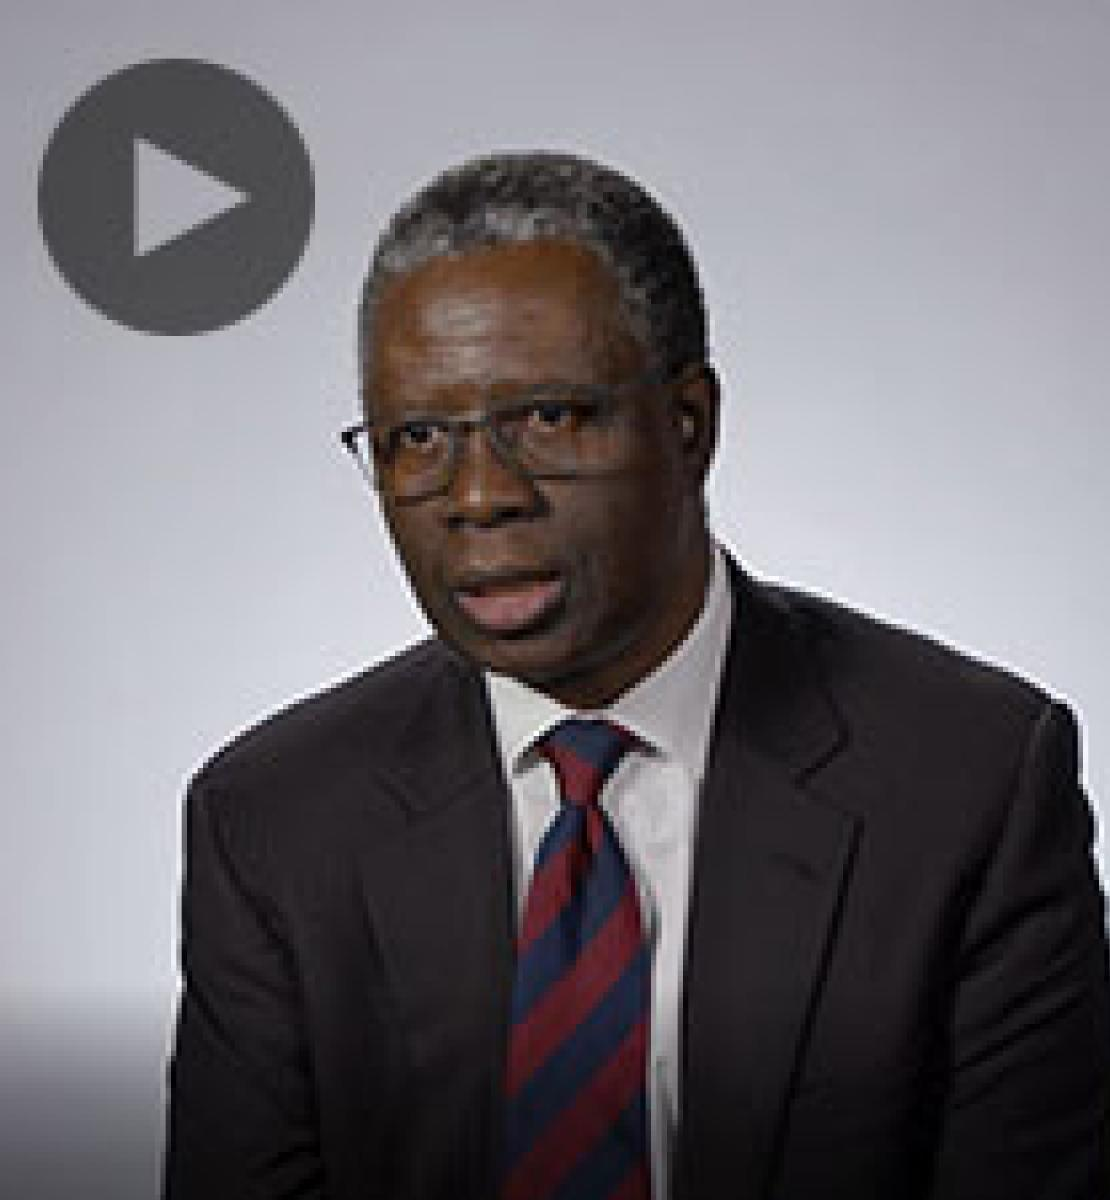 Screenshot from video message shows Resident Coordinator, Fodé Ndiaye